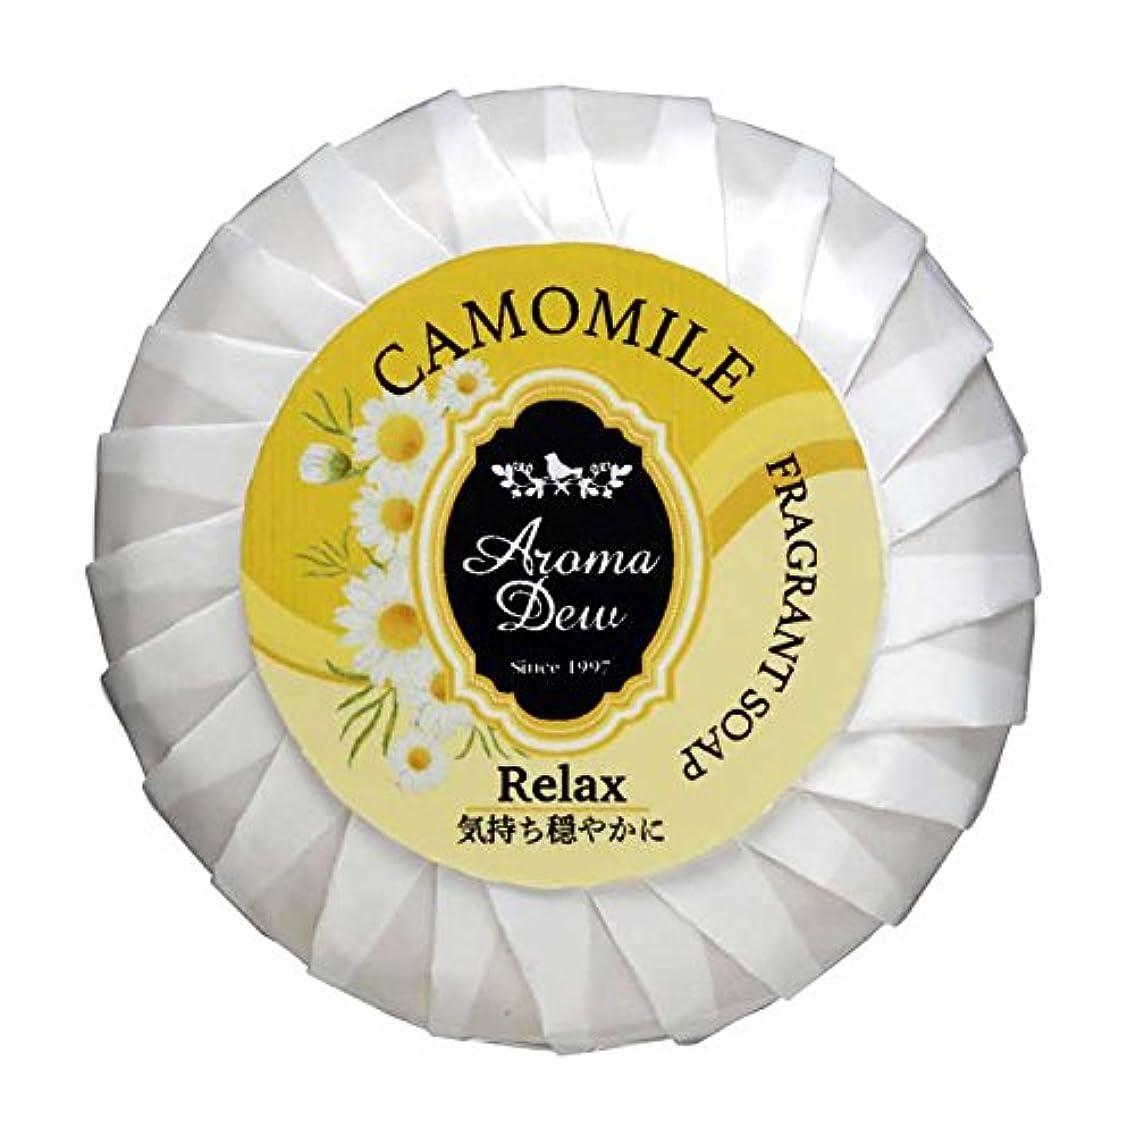 パキスタン知覚狭いアロマデュウ フレグラントソープ カモミールの香り 100g